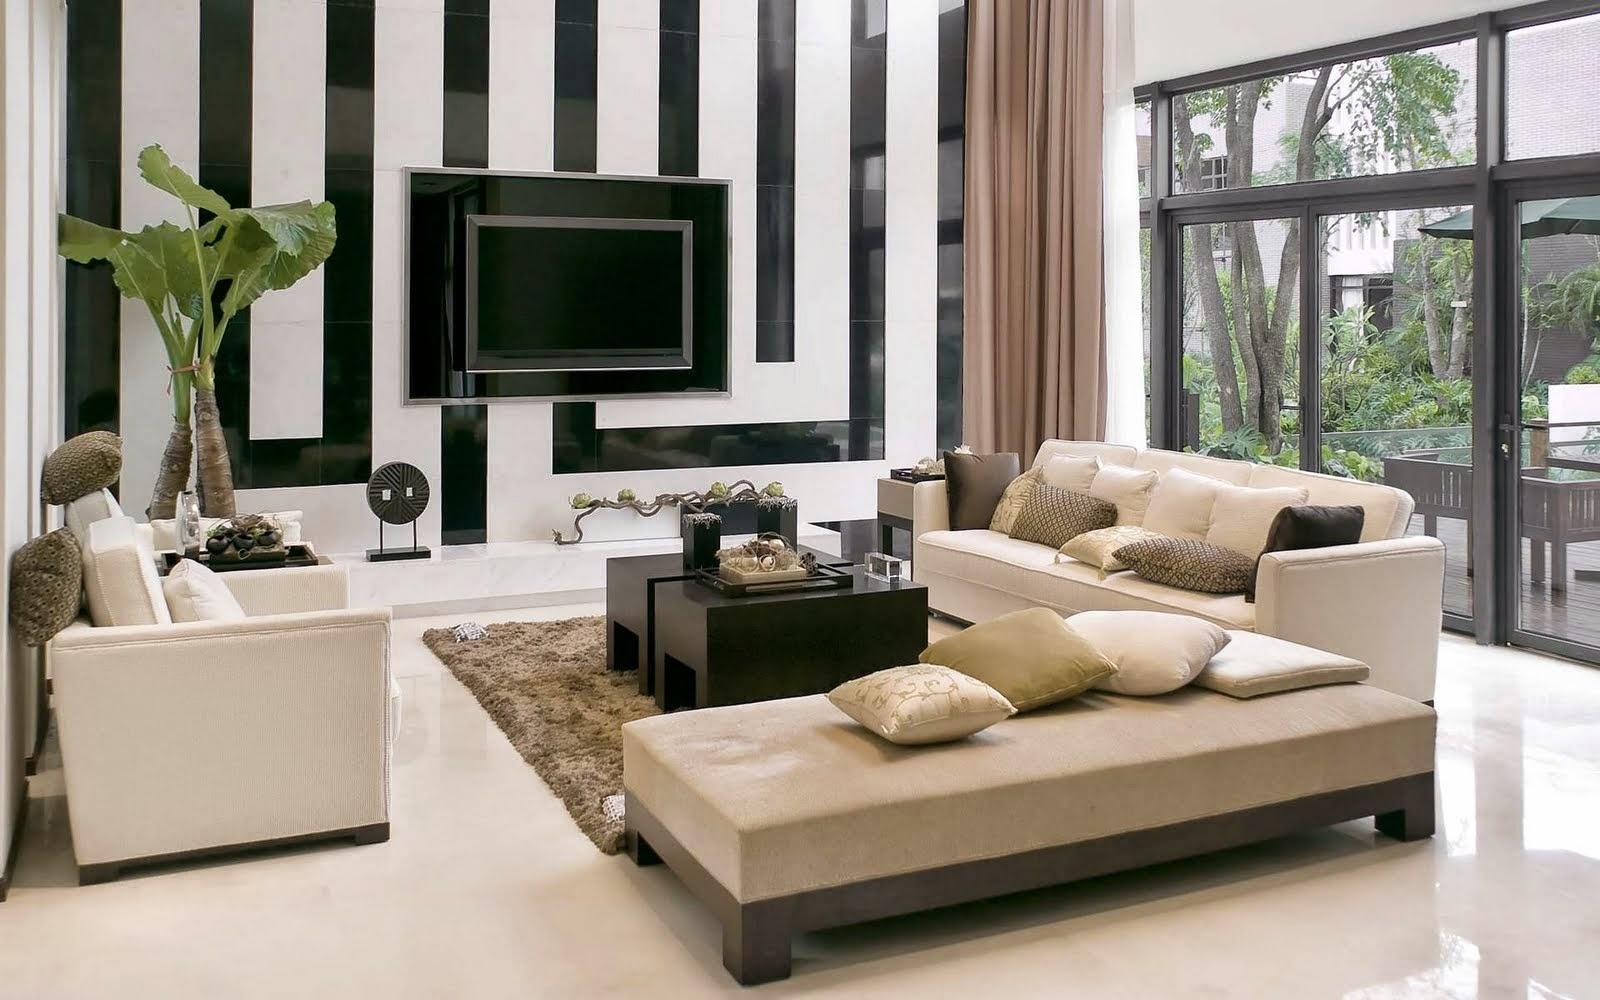 desain rumah kecil mungil minimalis